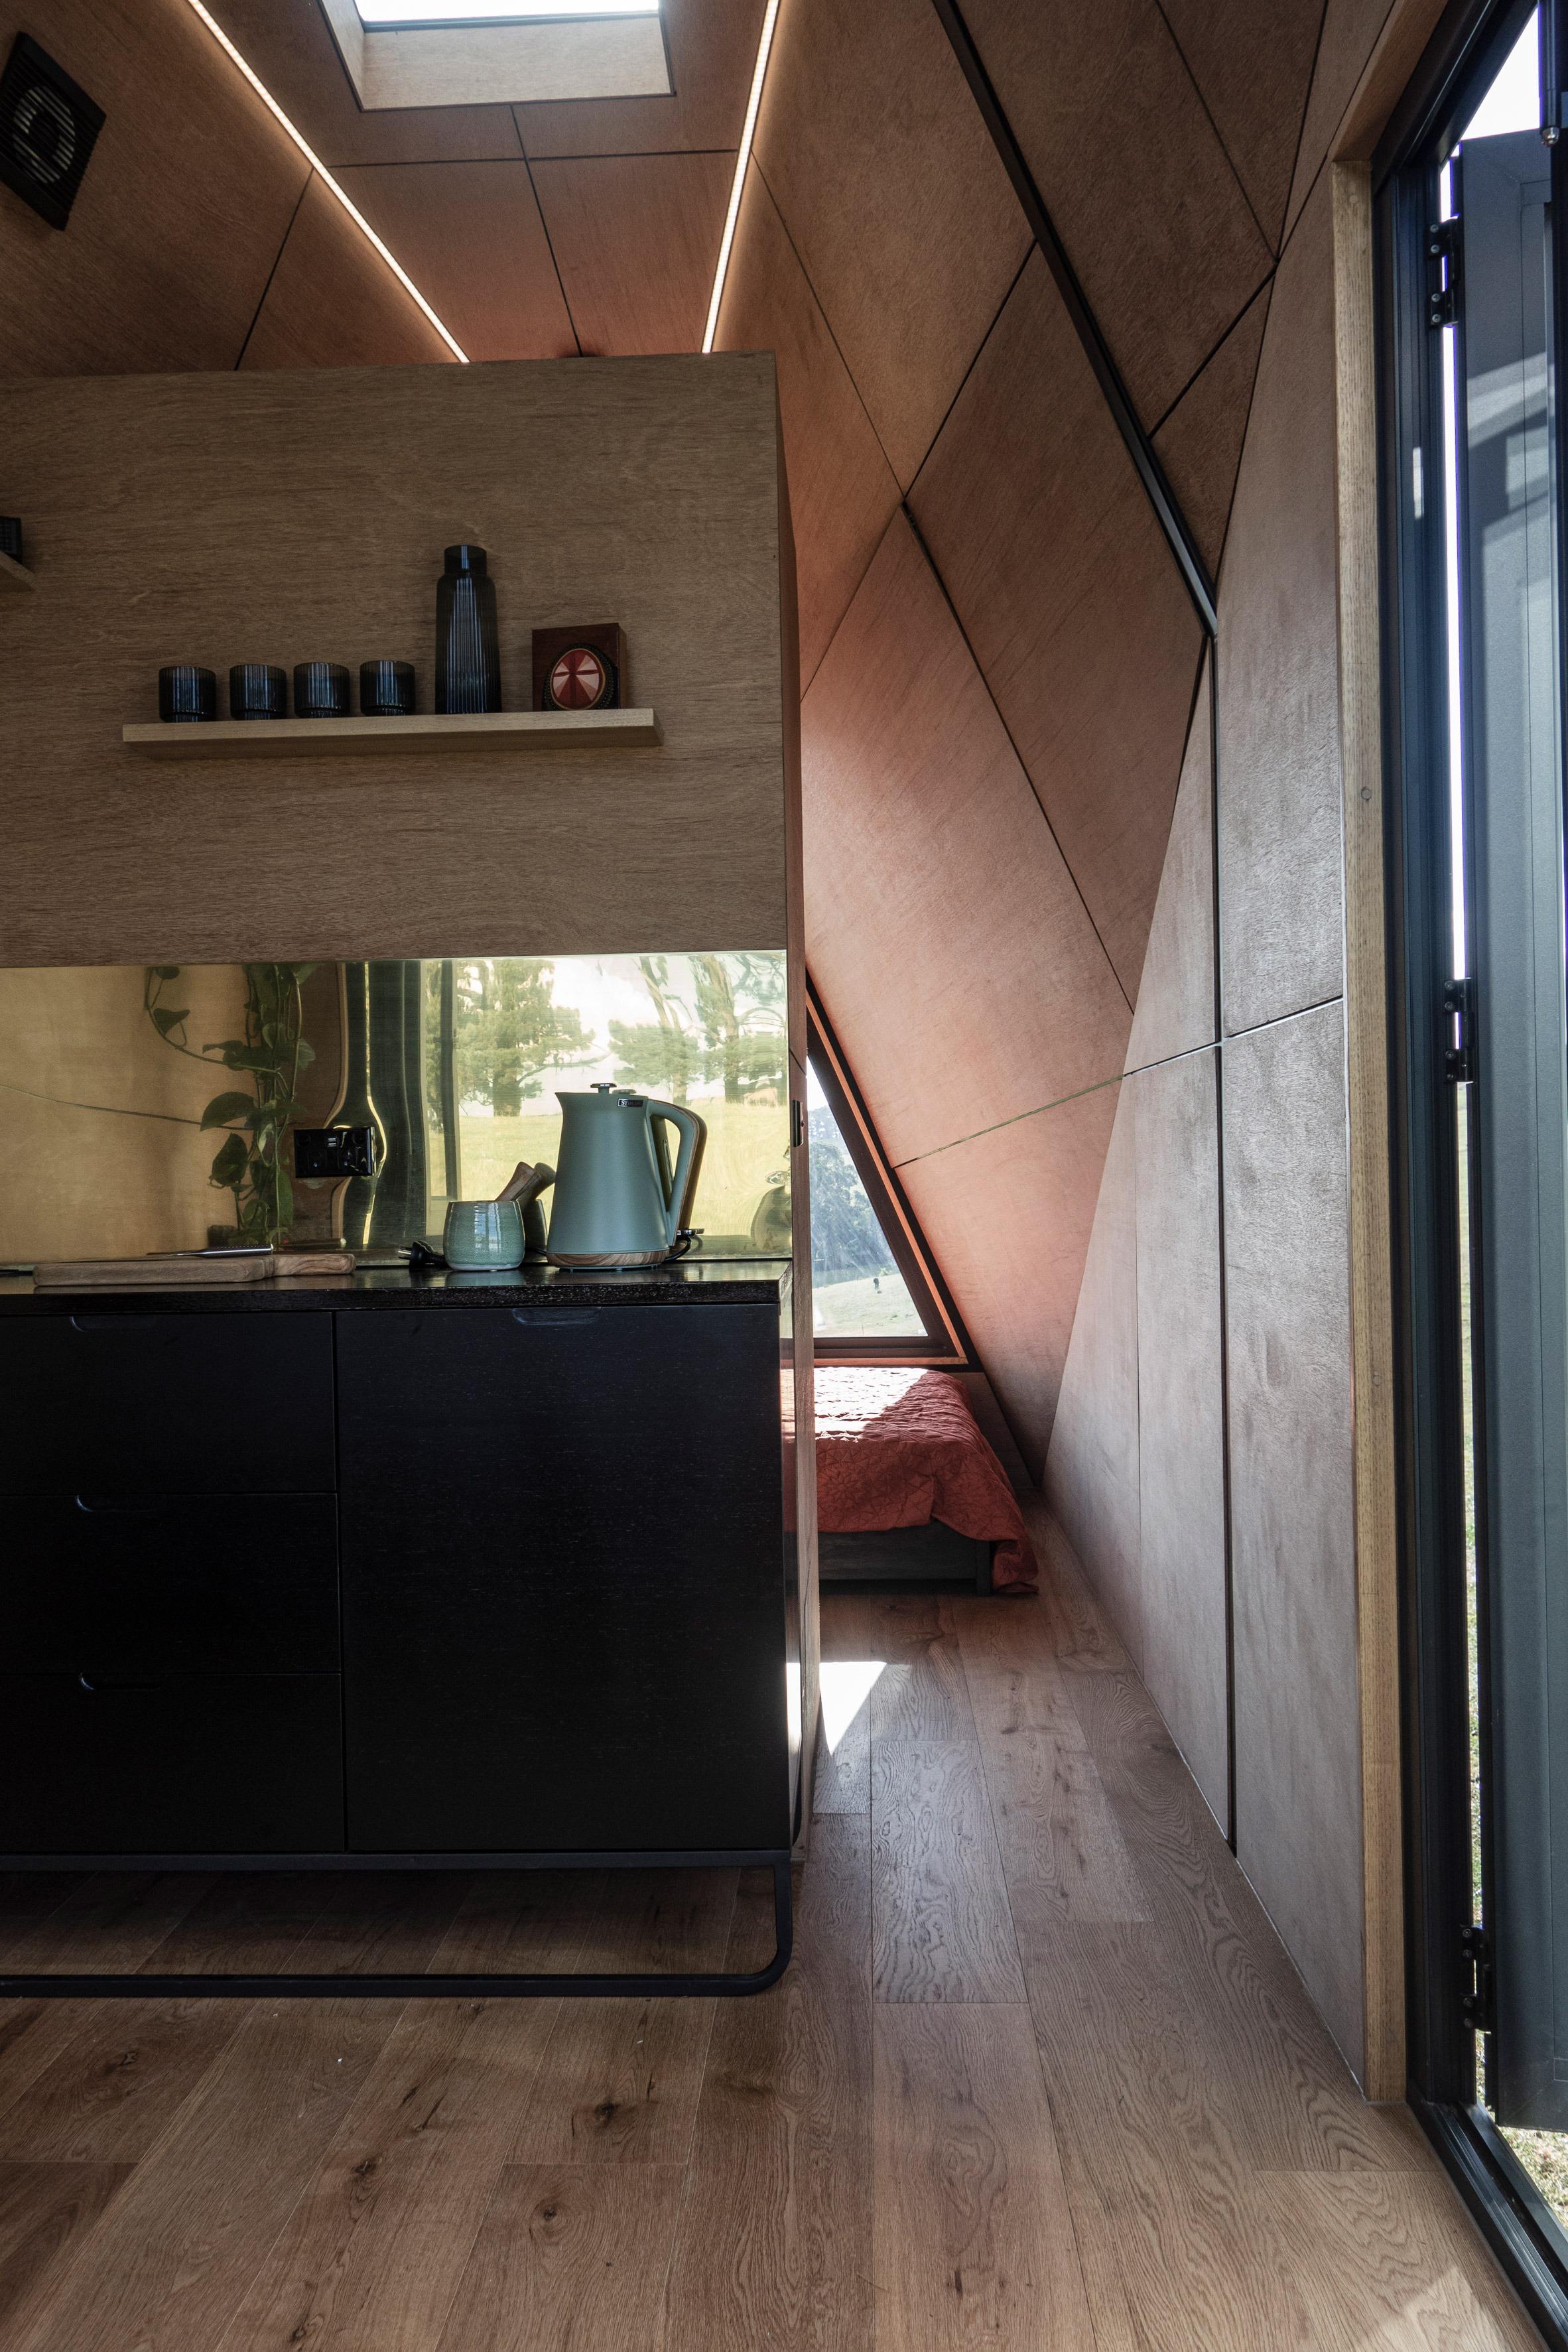 Vista sulla camera da letto / Studio Edwards